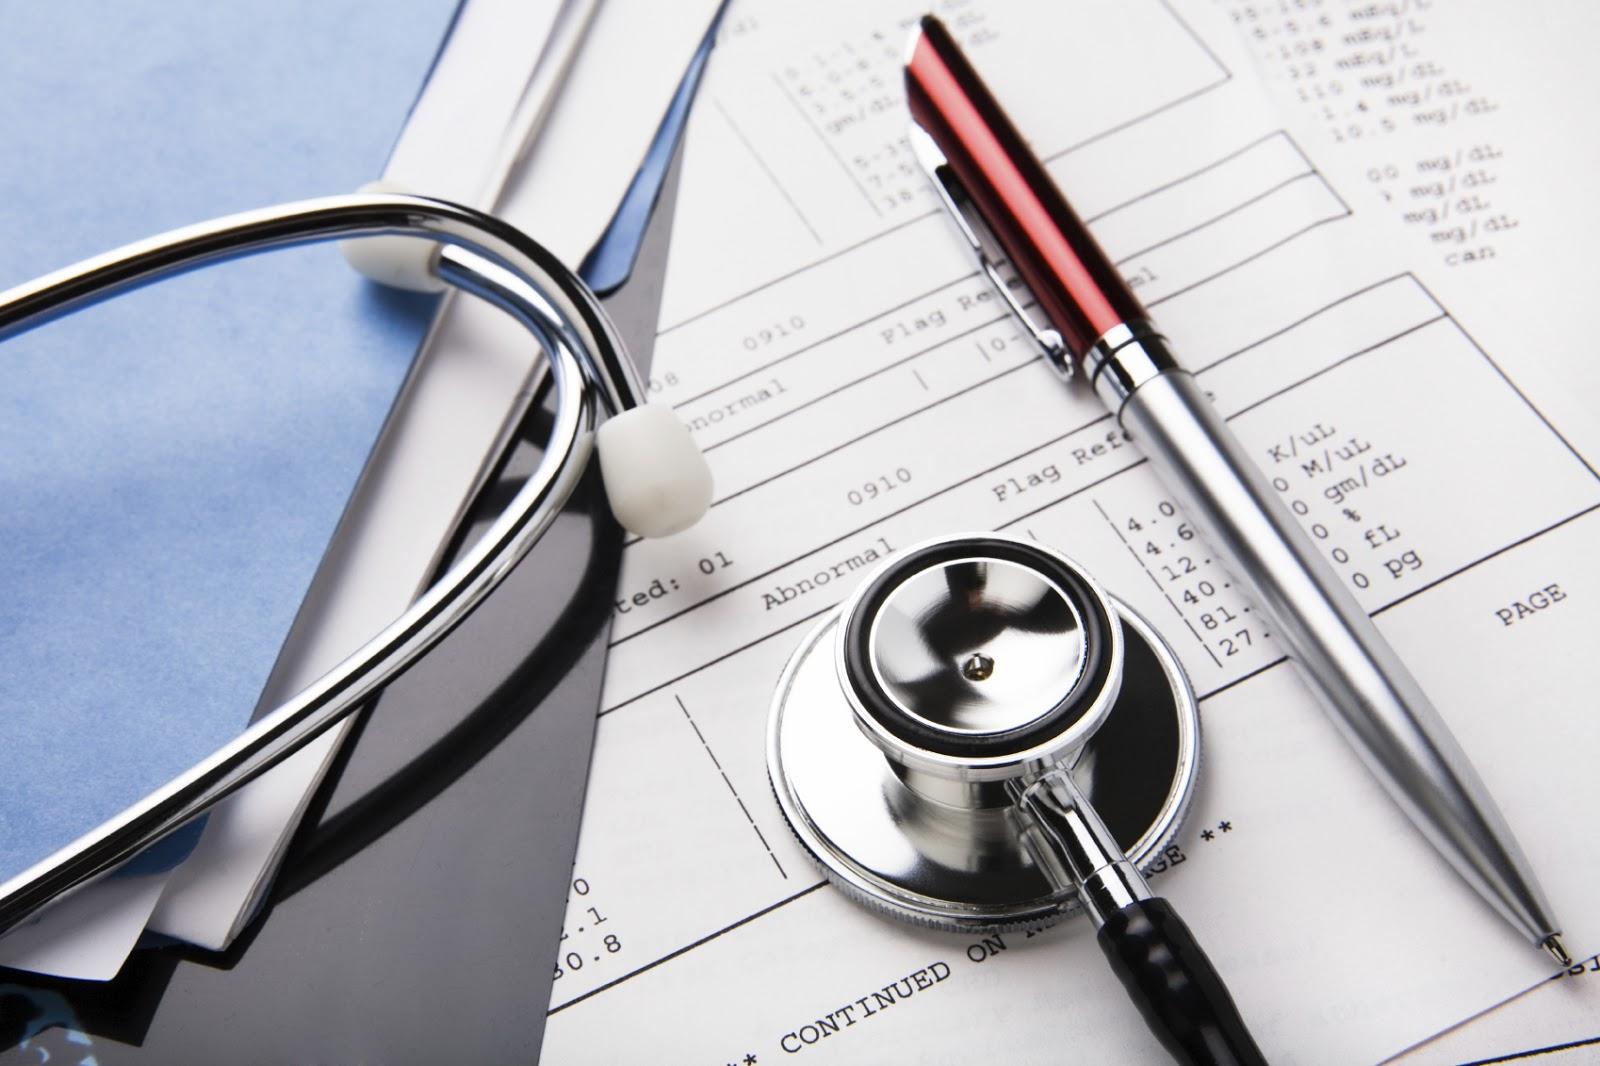 ما هو طب الباطنة؟ وما هي تخصصاته، وما الأمراض المنتشرة فيه؟